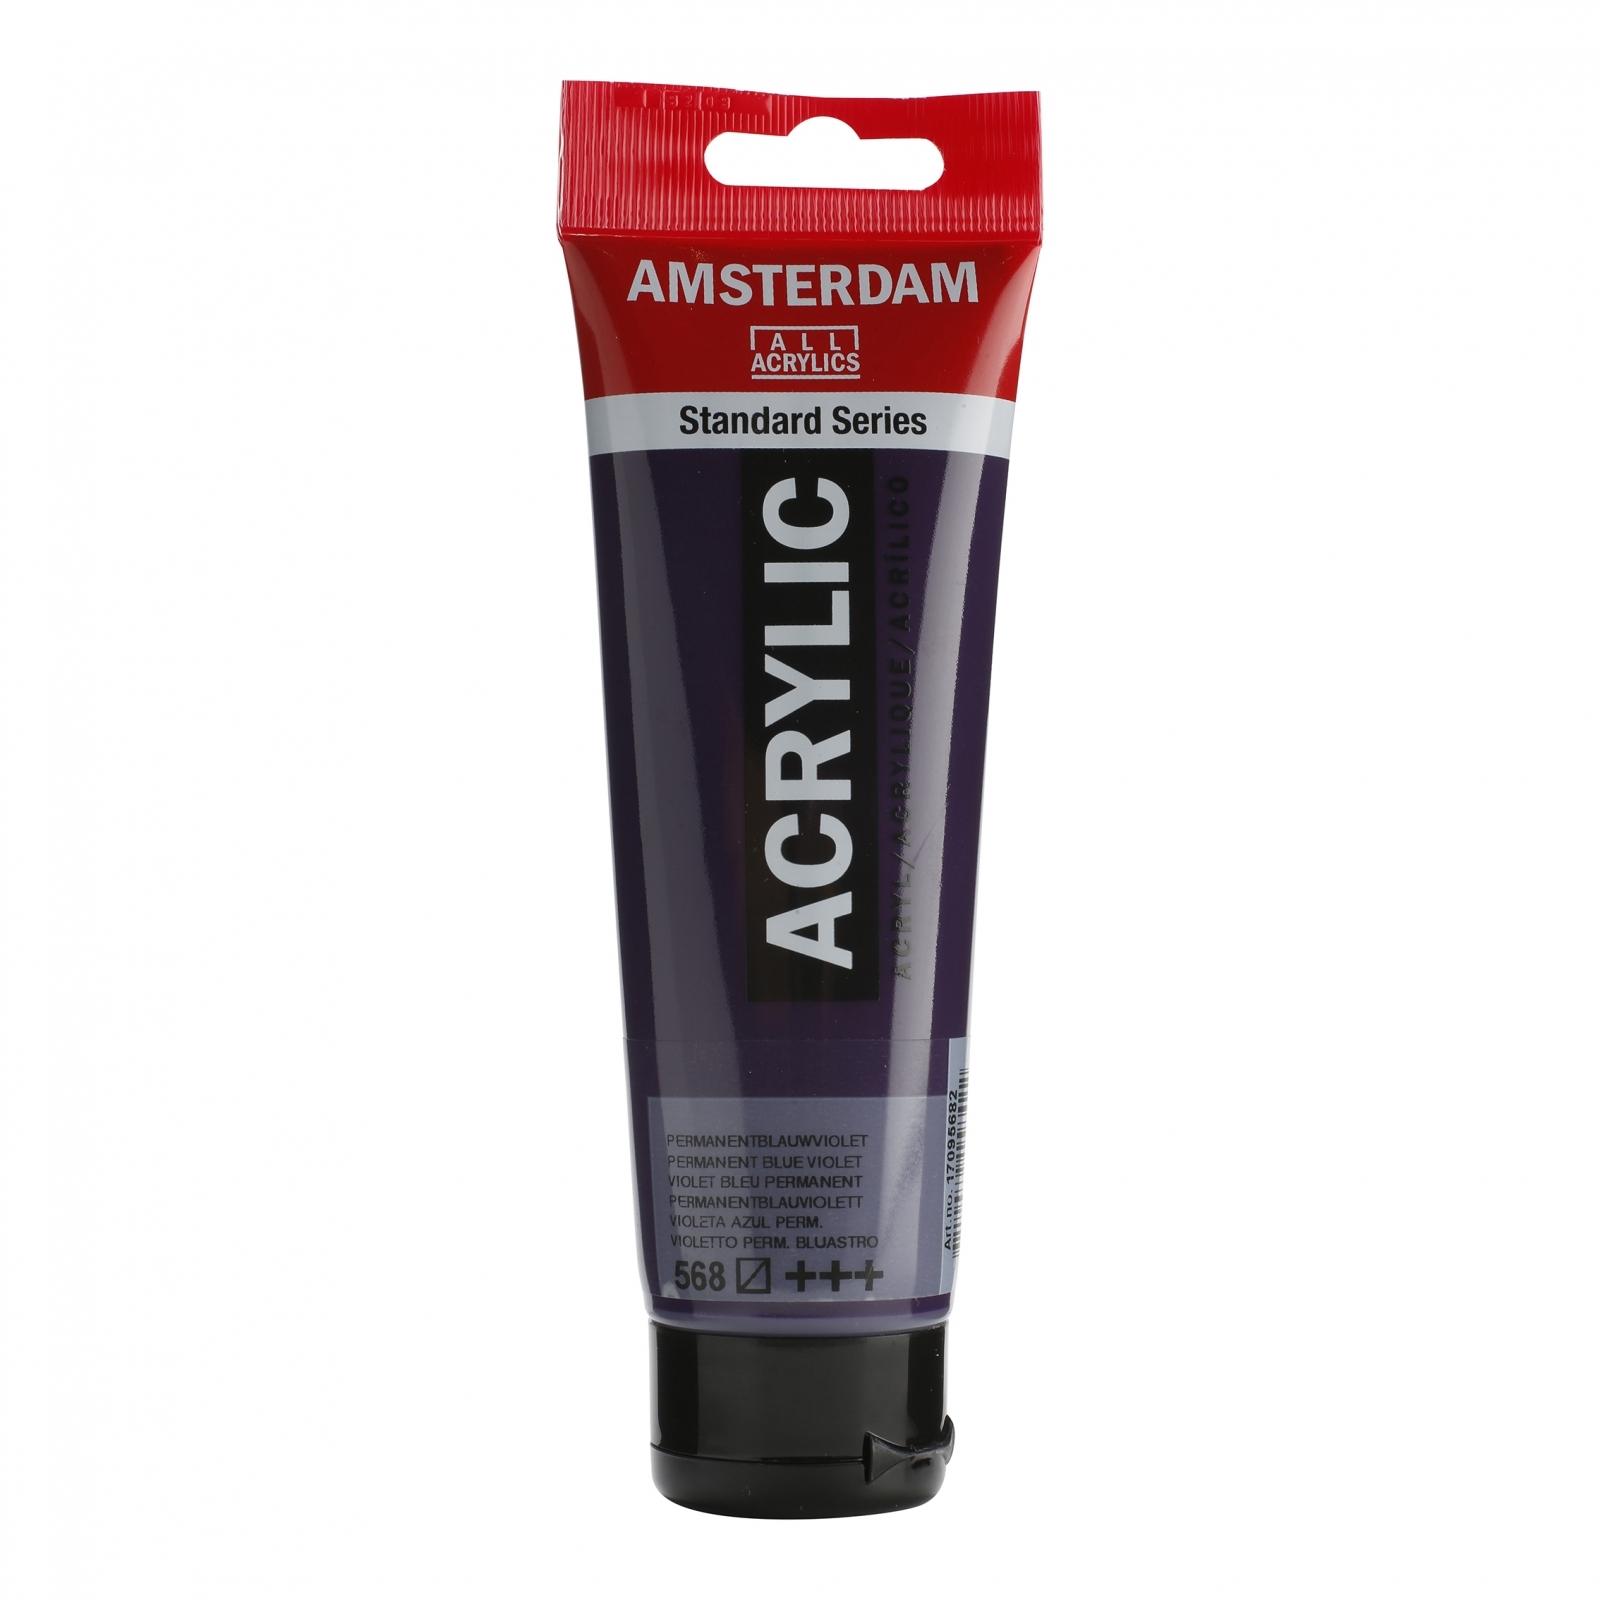 Tinta Acrílica Amsterdam Violeta Azulada Permanente  120ml (+++568) - Papelaria Botafogo